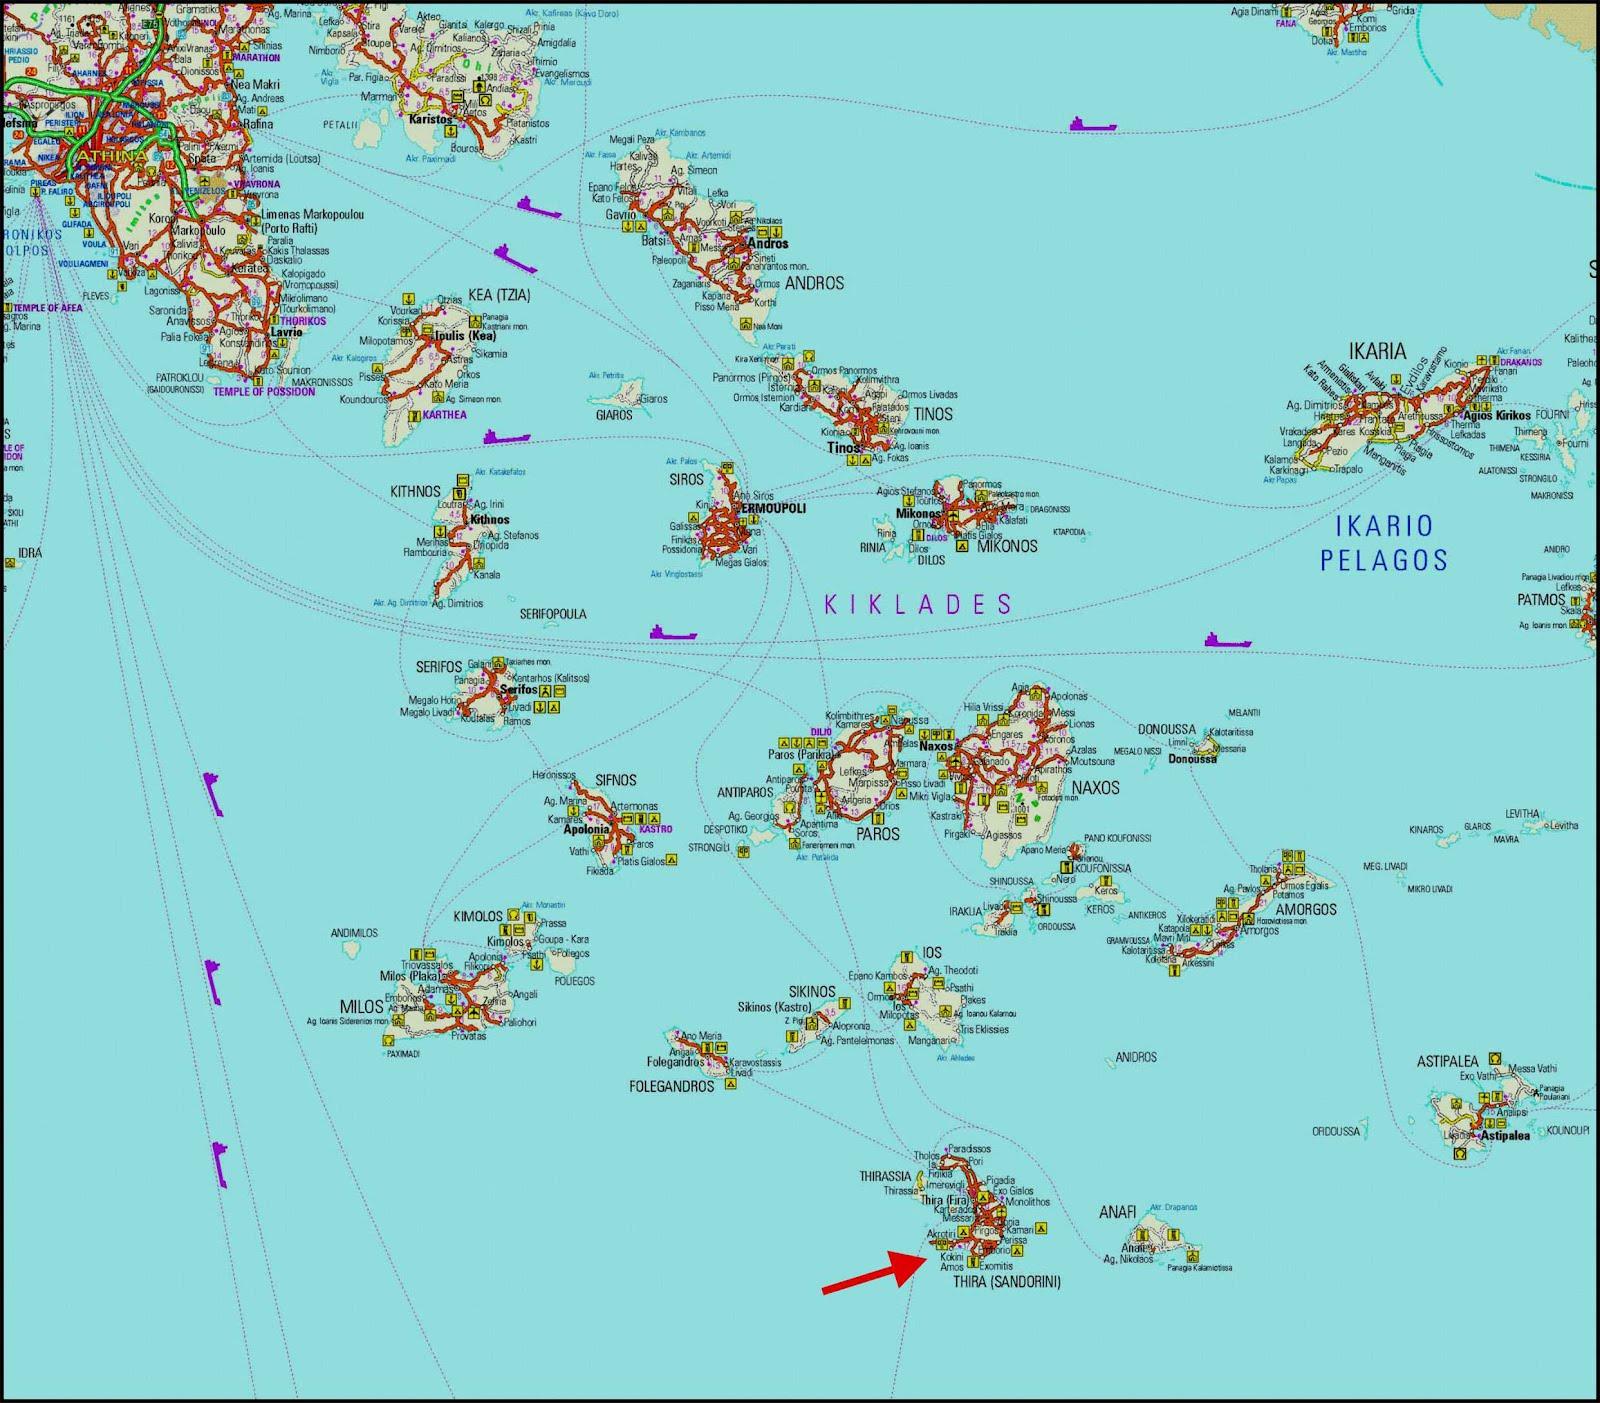 Amado Mapas de Santorini - Grécia | MapasBlog JX75